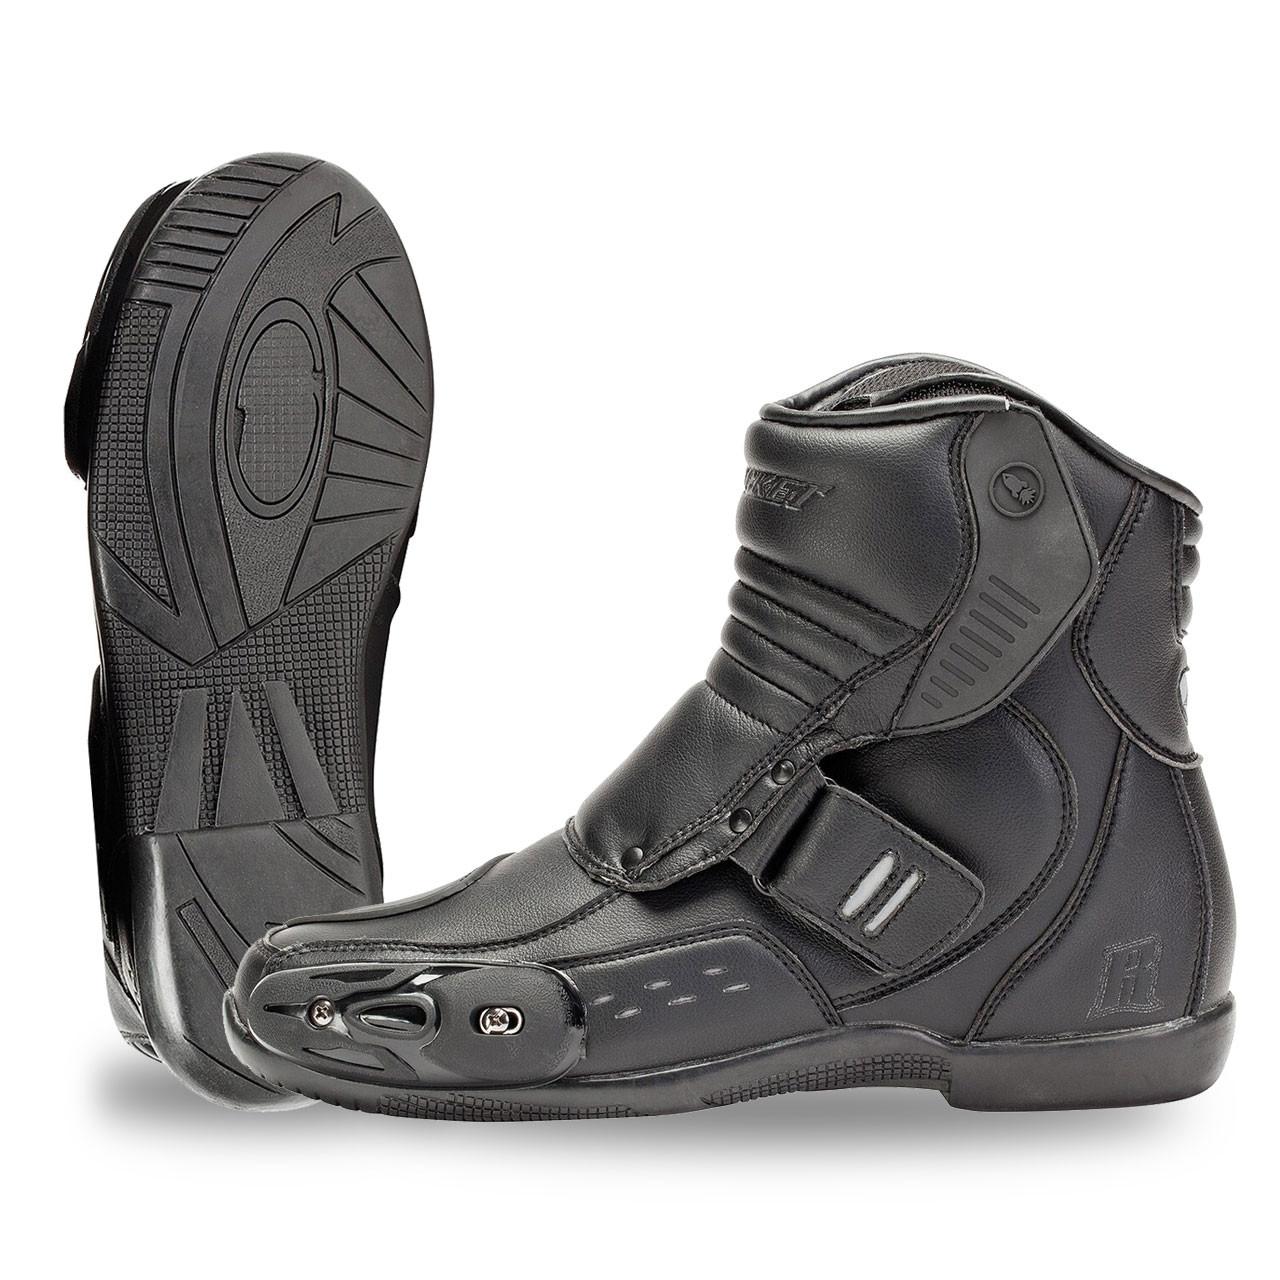 Grey, Size 13 Joe Rocket Big Bang 2.0 Mens Motorcycle Riding Boots ...